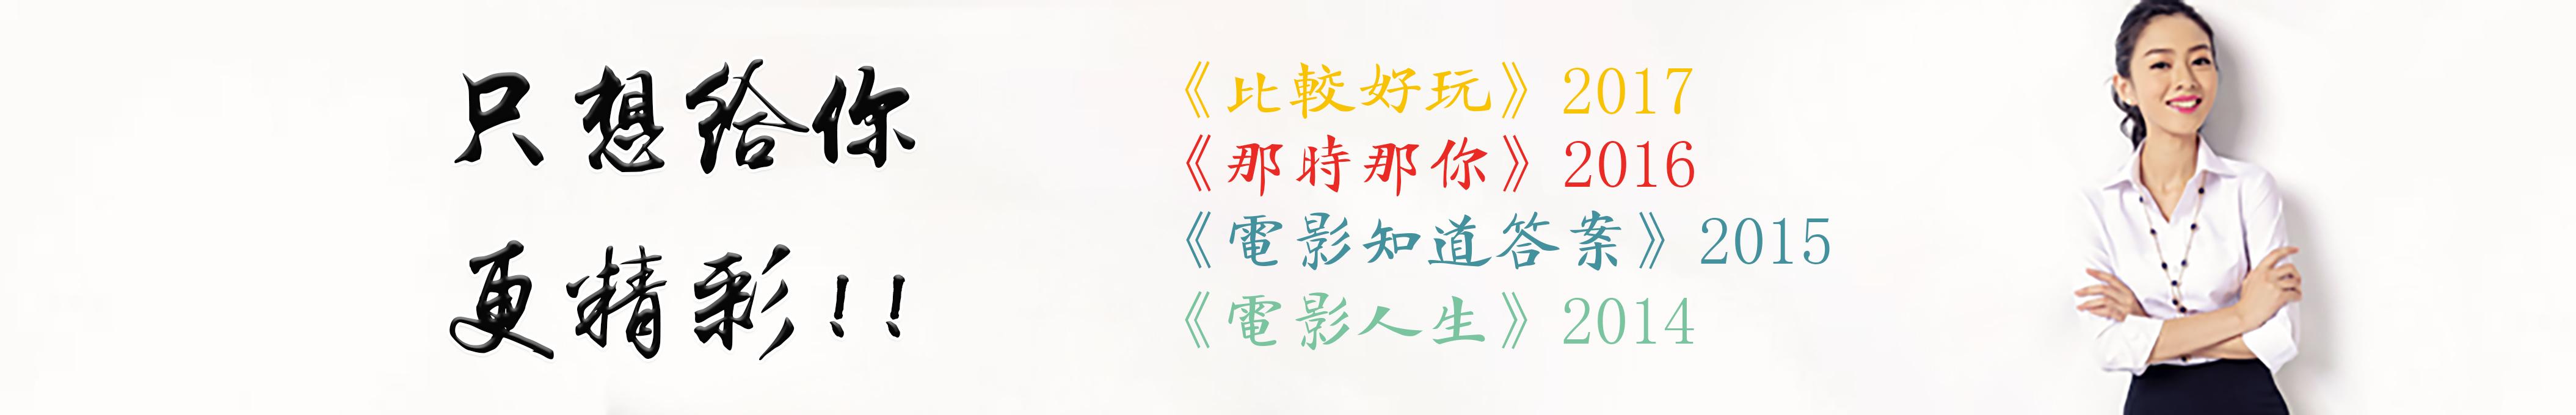 野孩子studio banner